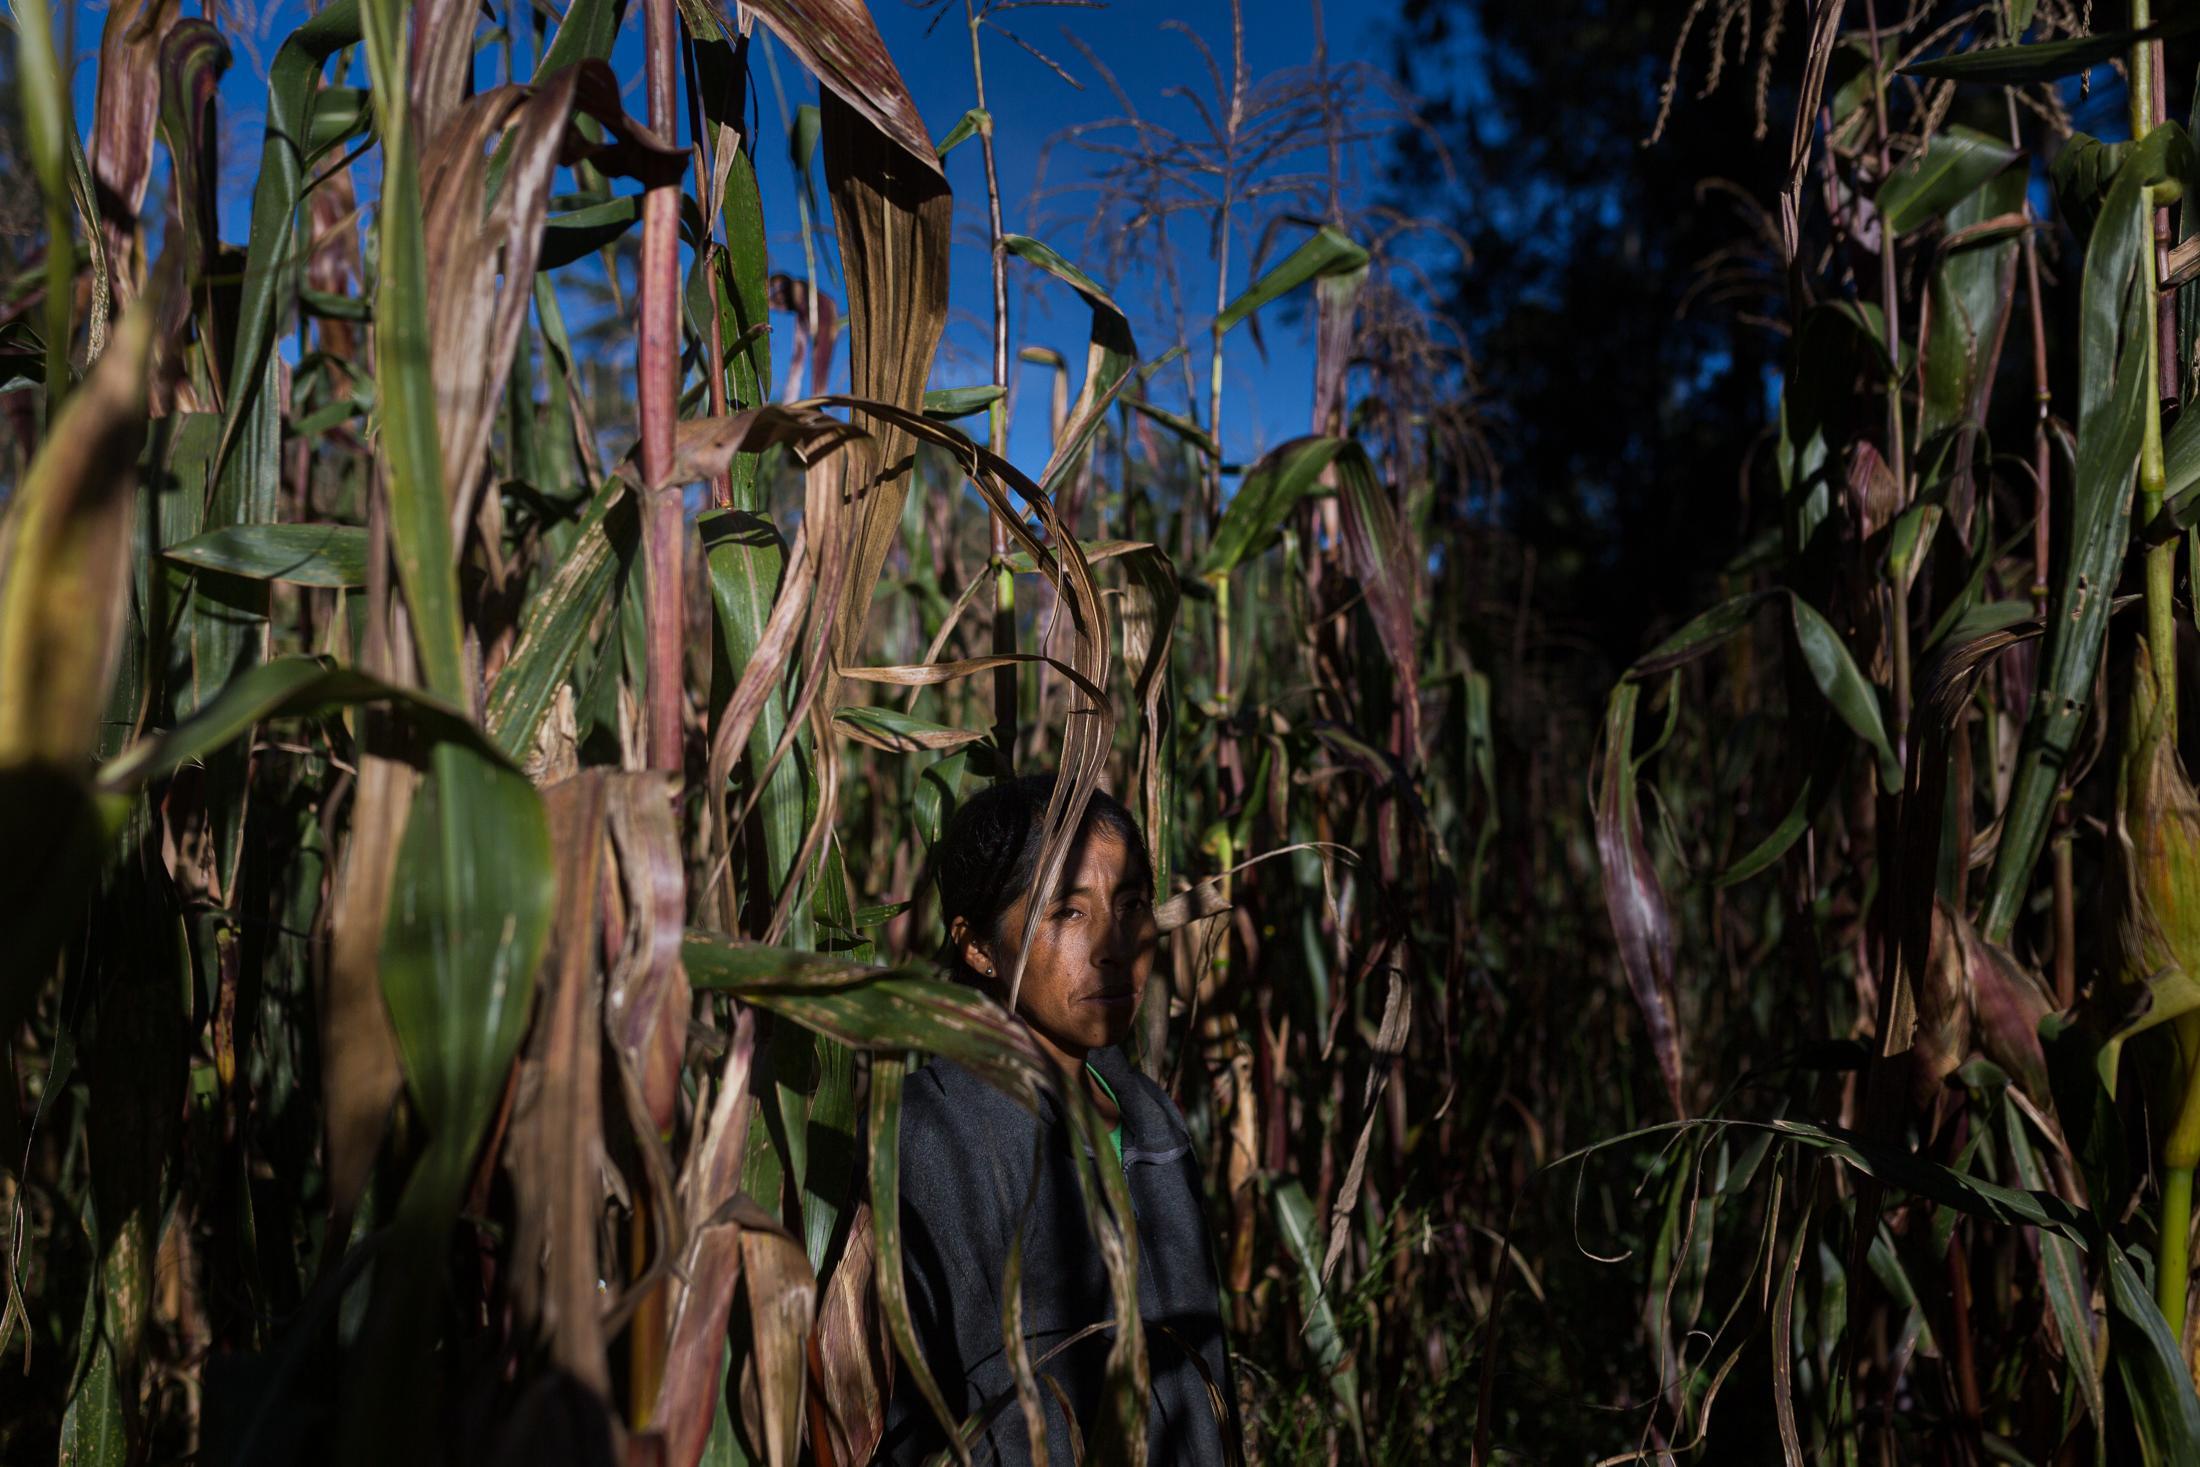 """Silvia Loachamín (42) es madre, cabeza de hogar, que vive junto con su madre Rosario Loachamín y sus hijos Lucía Cabeza (11) y Alexander Venegas (9) en un sector llamado """"El Bosque"""" a aproximadamente cuatro kilómetros de la parte central de la parroquia, donde se encuentra la escuela de sus hijos. Ella trabaja en una hacienda, en el ordeño y limpieza de terrenos, casi todo el día pero también se dedica a la producción de quesos y venta de leche que sus vacas producen. Su jornada empieza muy temprano en un pequeño terreno donde siembra maíz y descansan sus vacas. 22 de mayo de 2020. Cotogchoa-Ecuador. Andrés Yépez."""